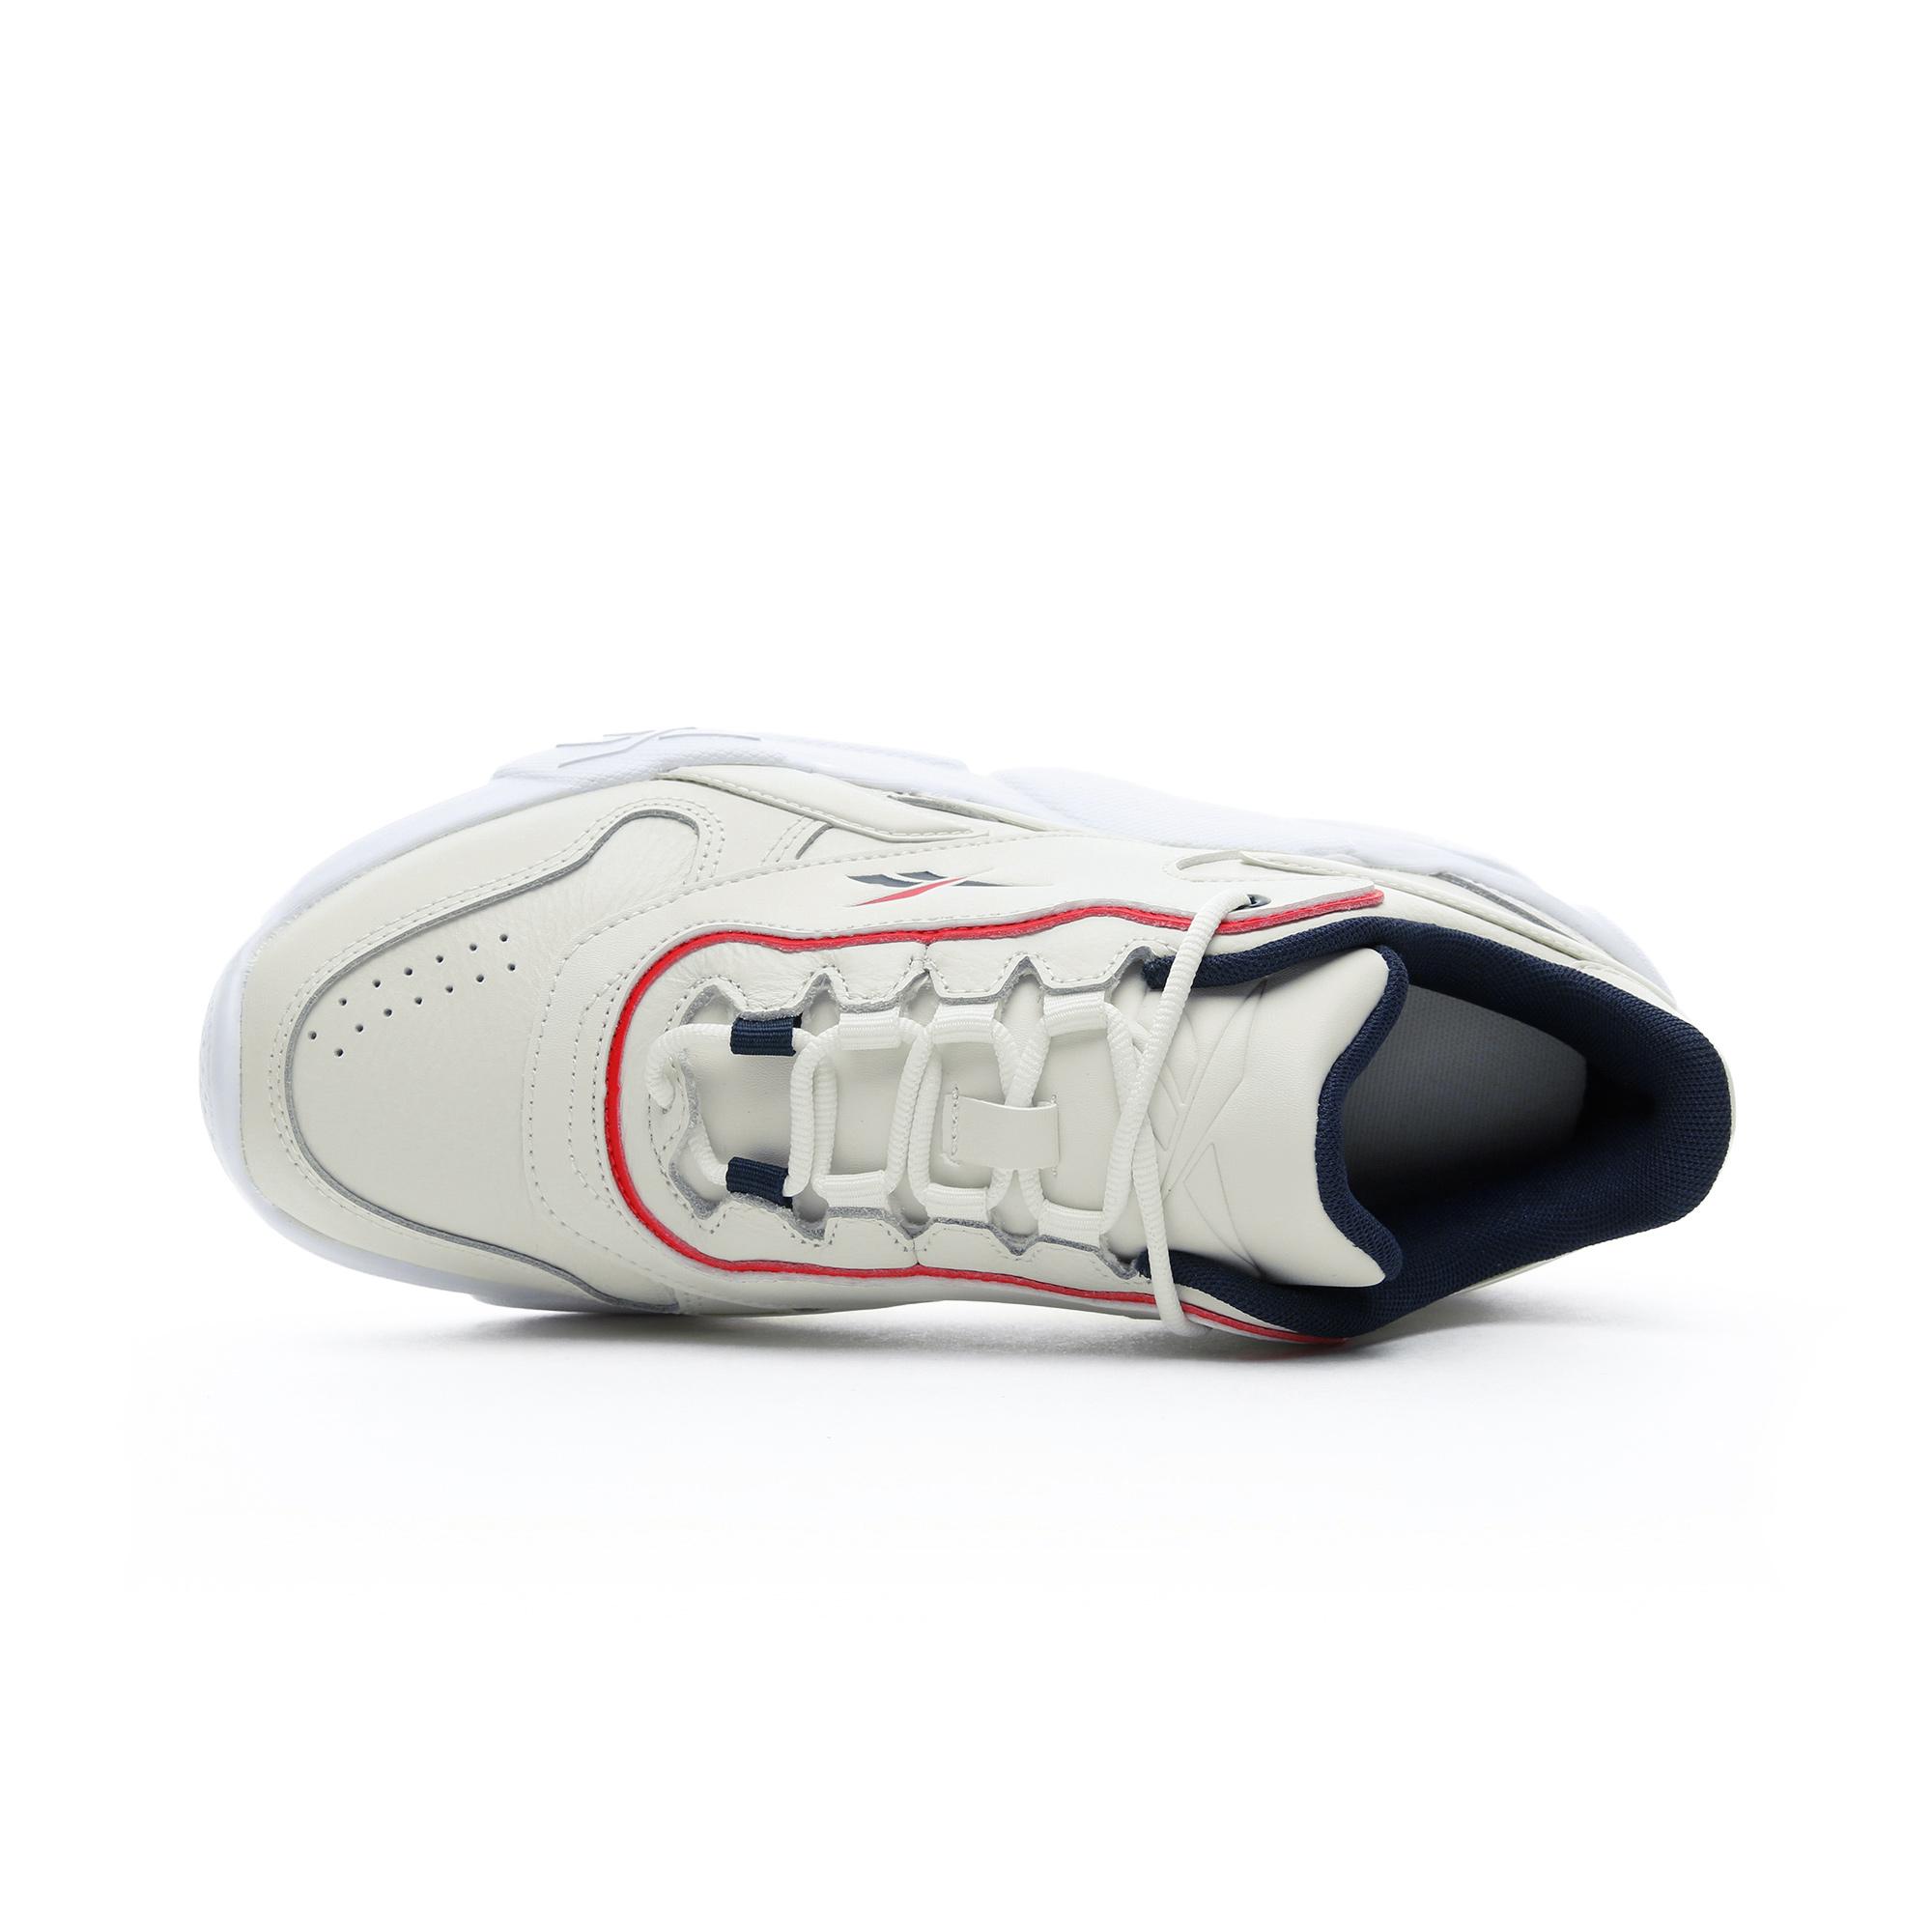 Reebok Premier Classic Leather Unisex Krem Spor Ayakkabı